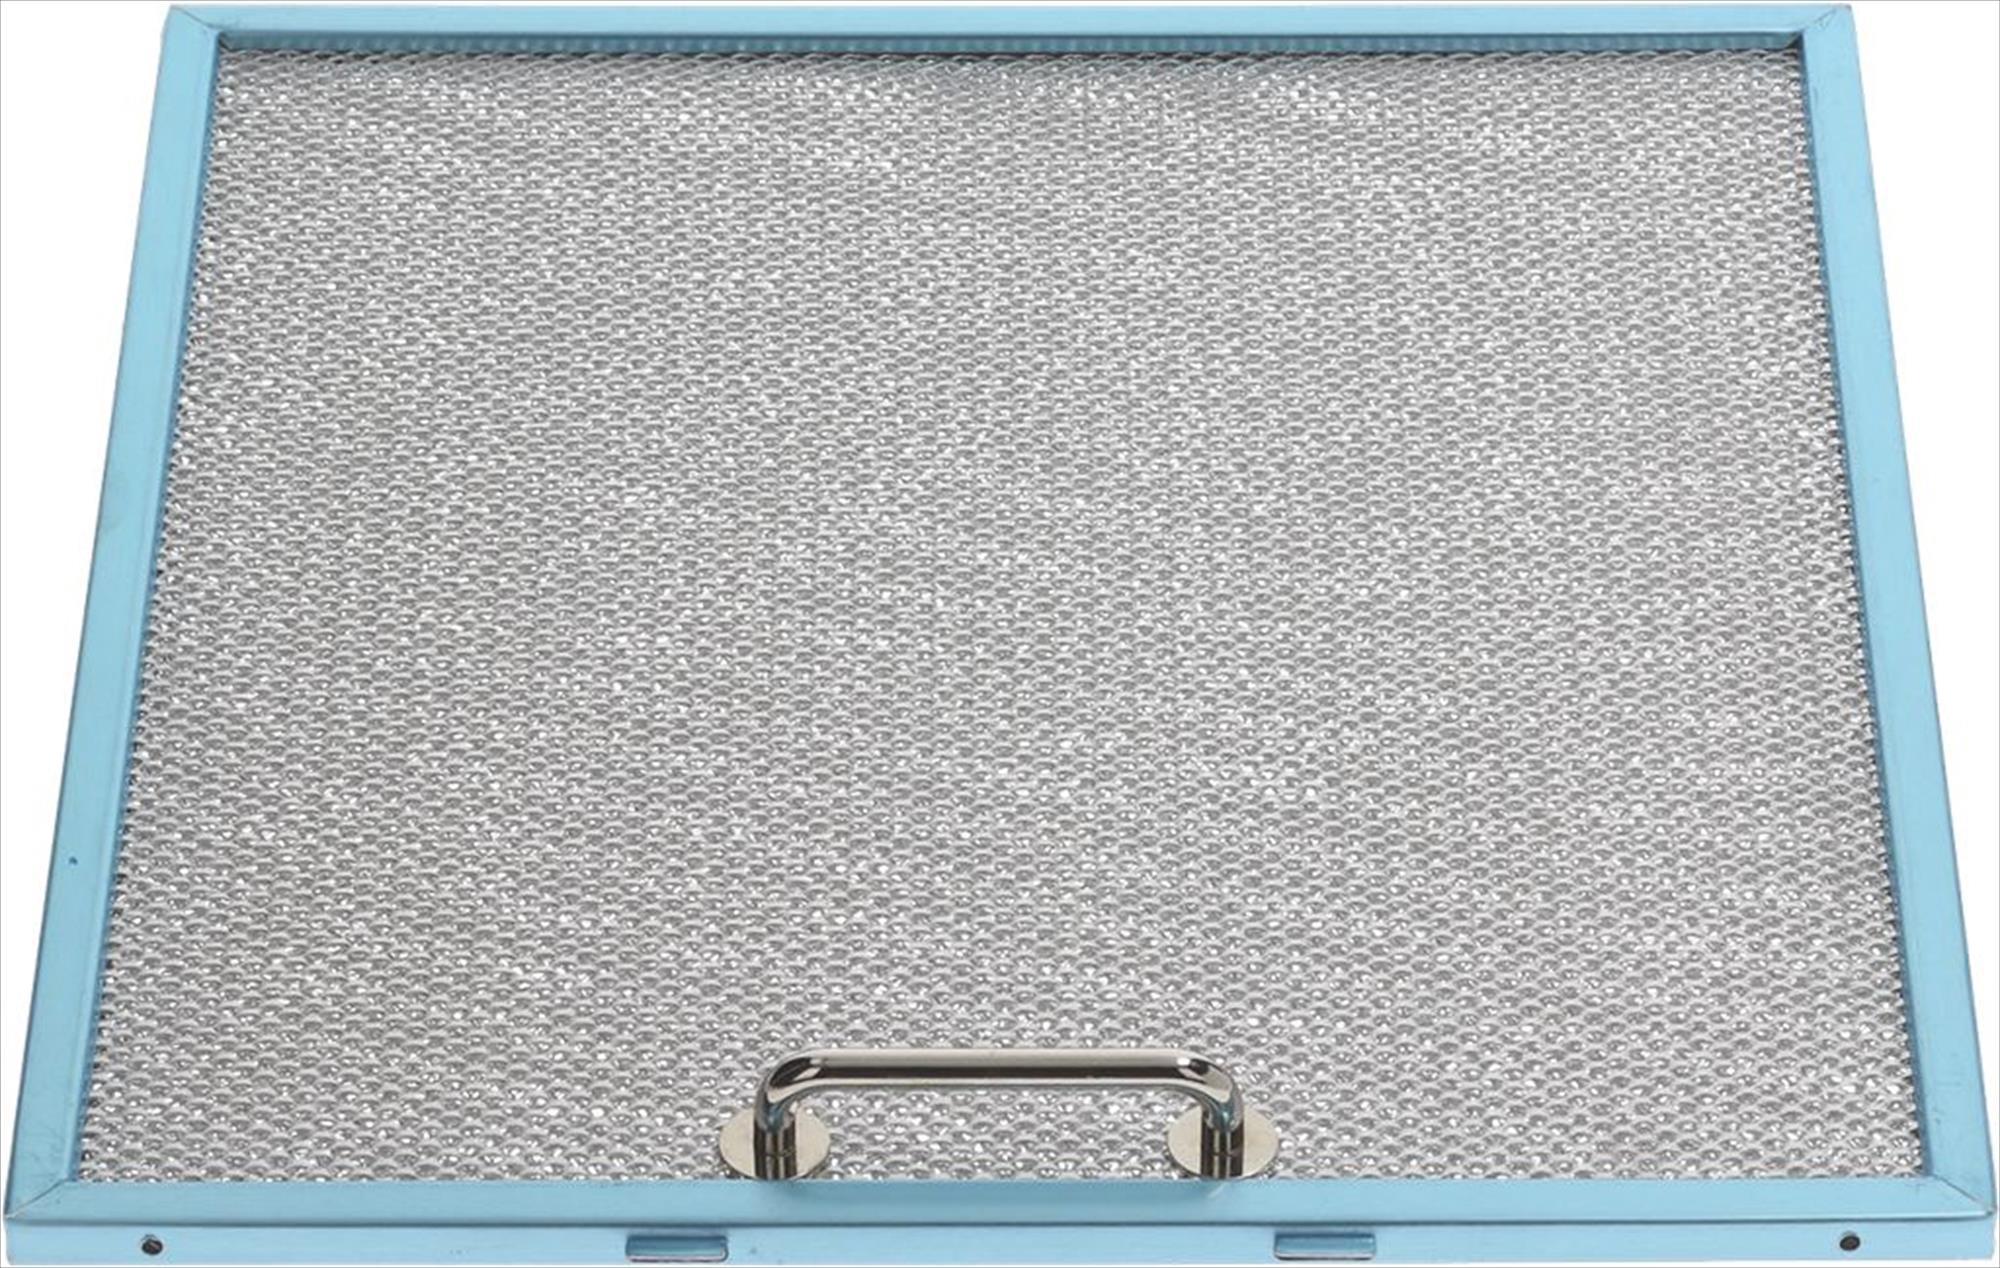 elica metaalfilter voor afzuigkap 1010dc3. Black Bedroom Furniture Sets. Home Design Ideas